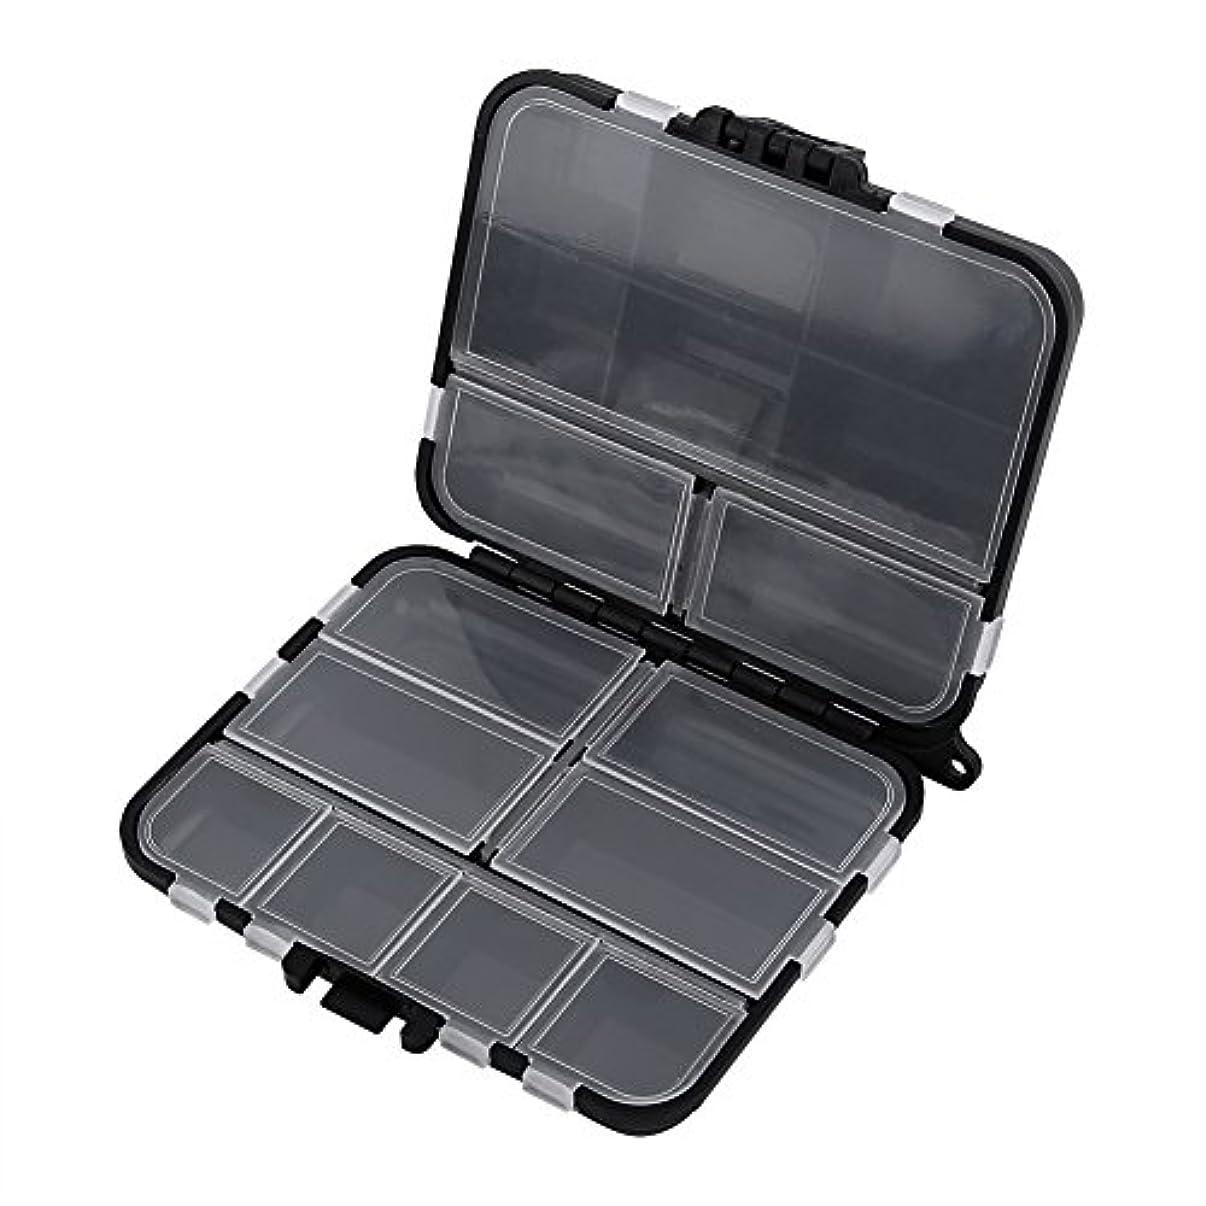 内なるメイト会員ルアーケース 釣りタックルボックス 釣具収納 ポータブル 仕掛け小物入れ 26個のコンパートメント 持ち運び易い 釣り道具 ボックス 釣りの餌箱